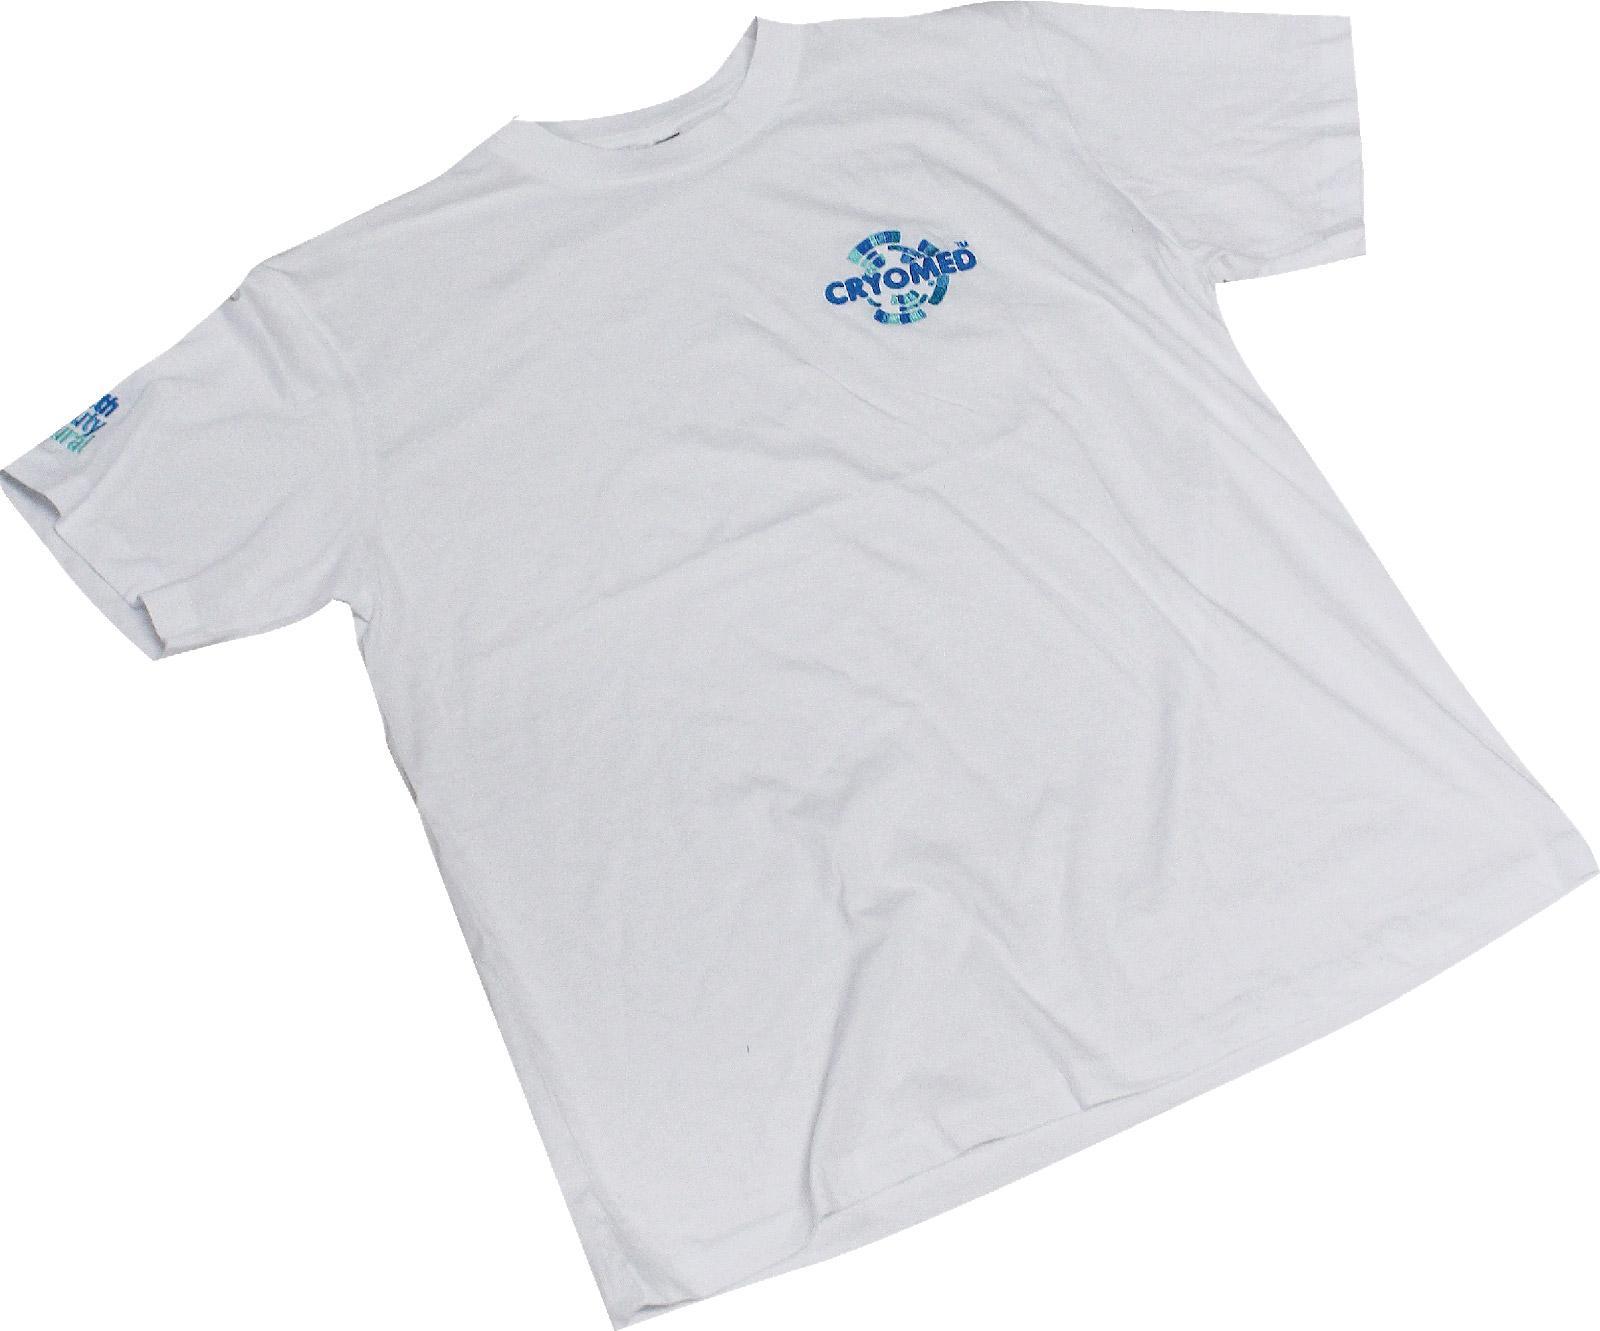 חולצת טי-שירט לגברים – 20 אירו